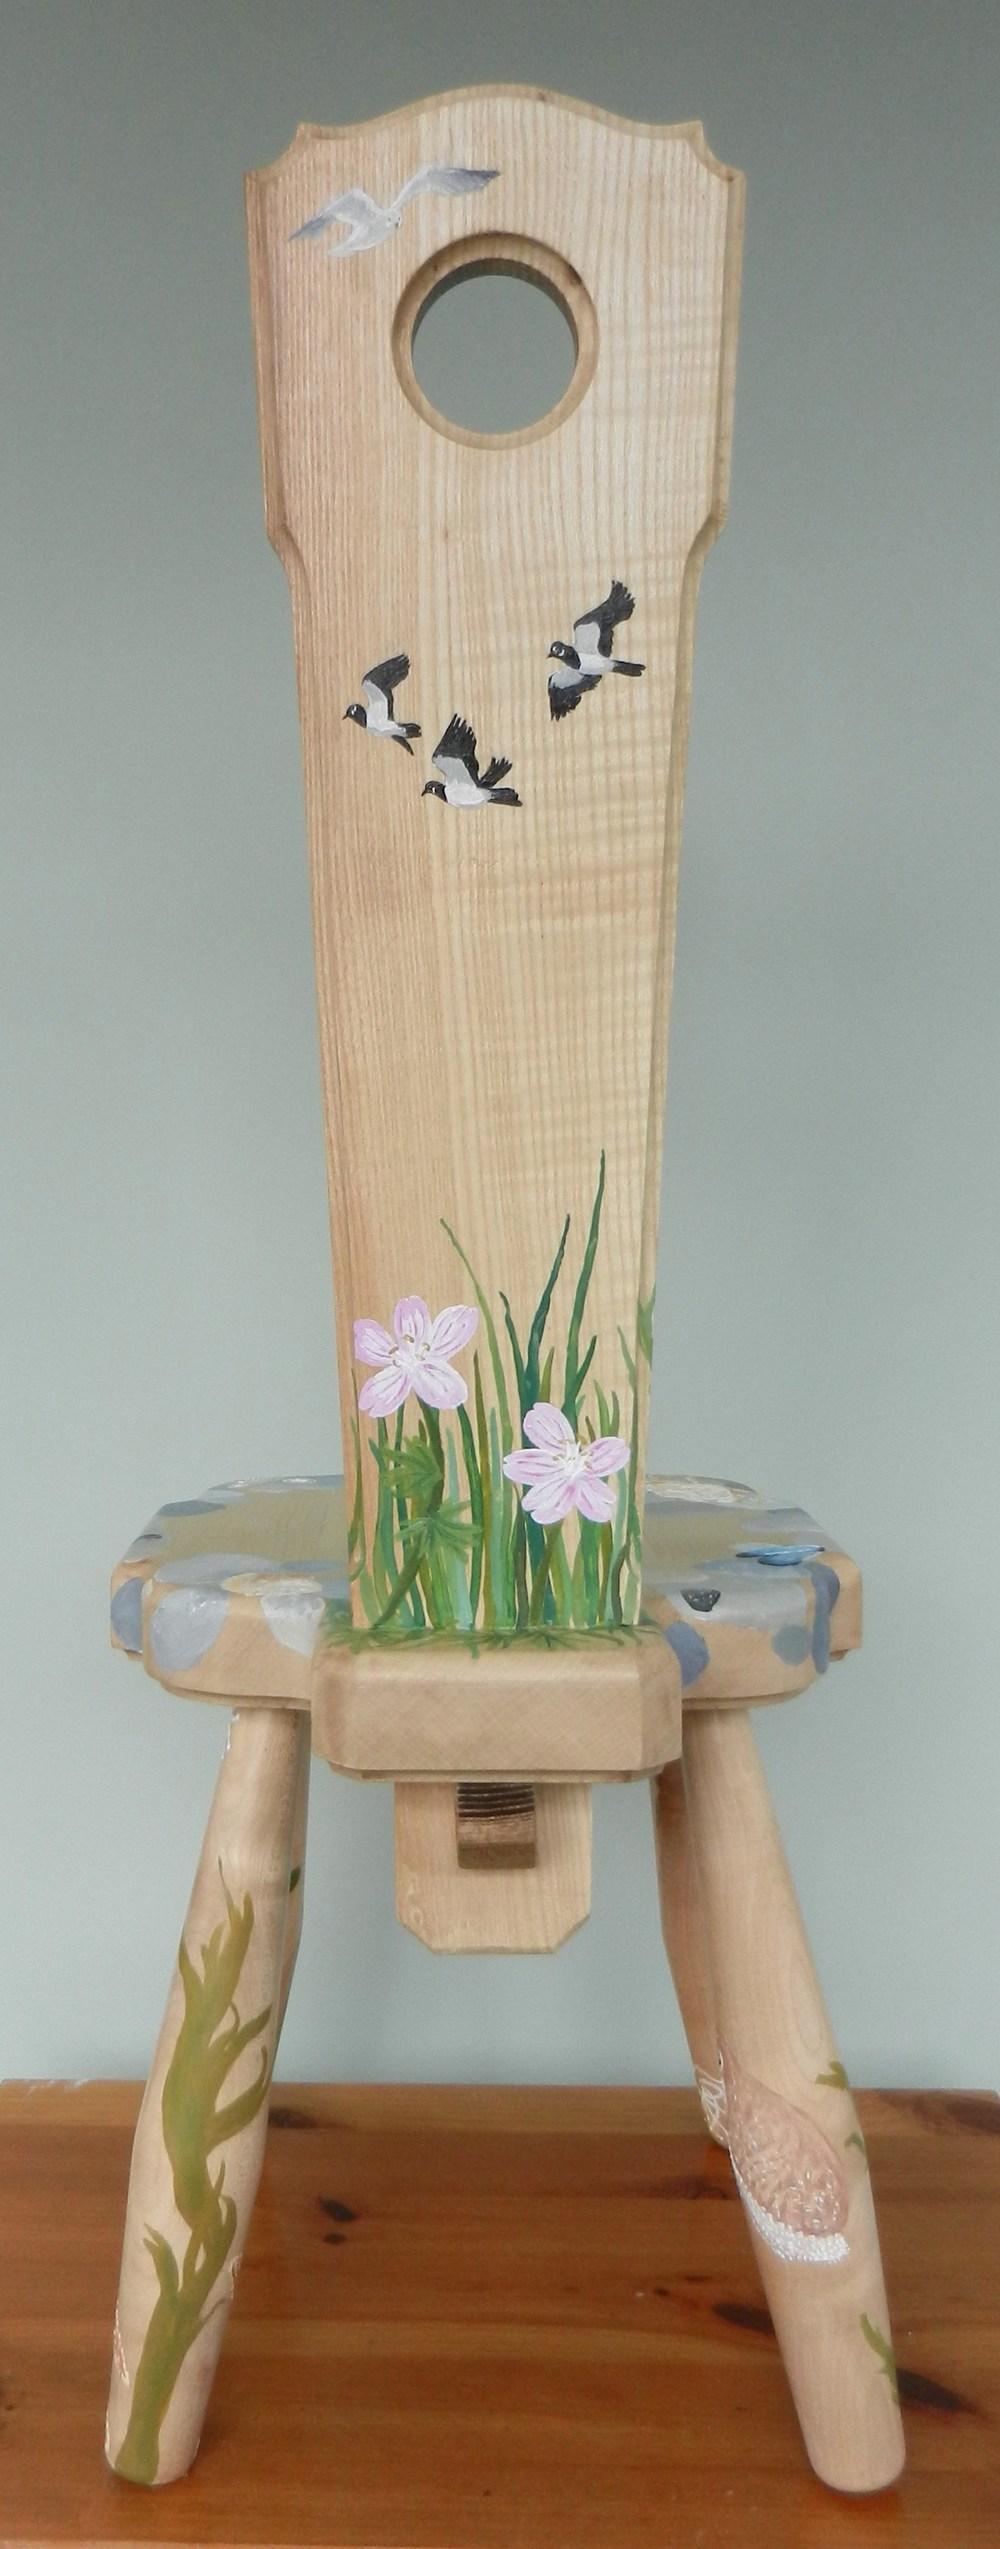 walney spinning stool 008.JPG